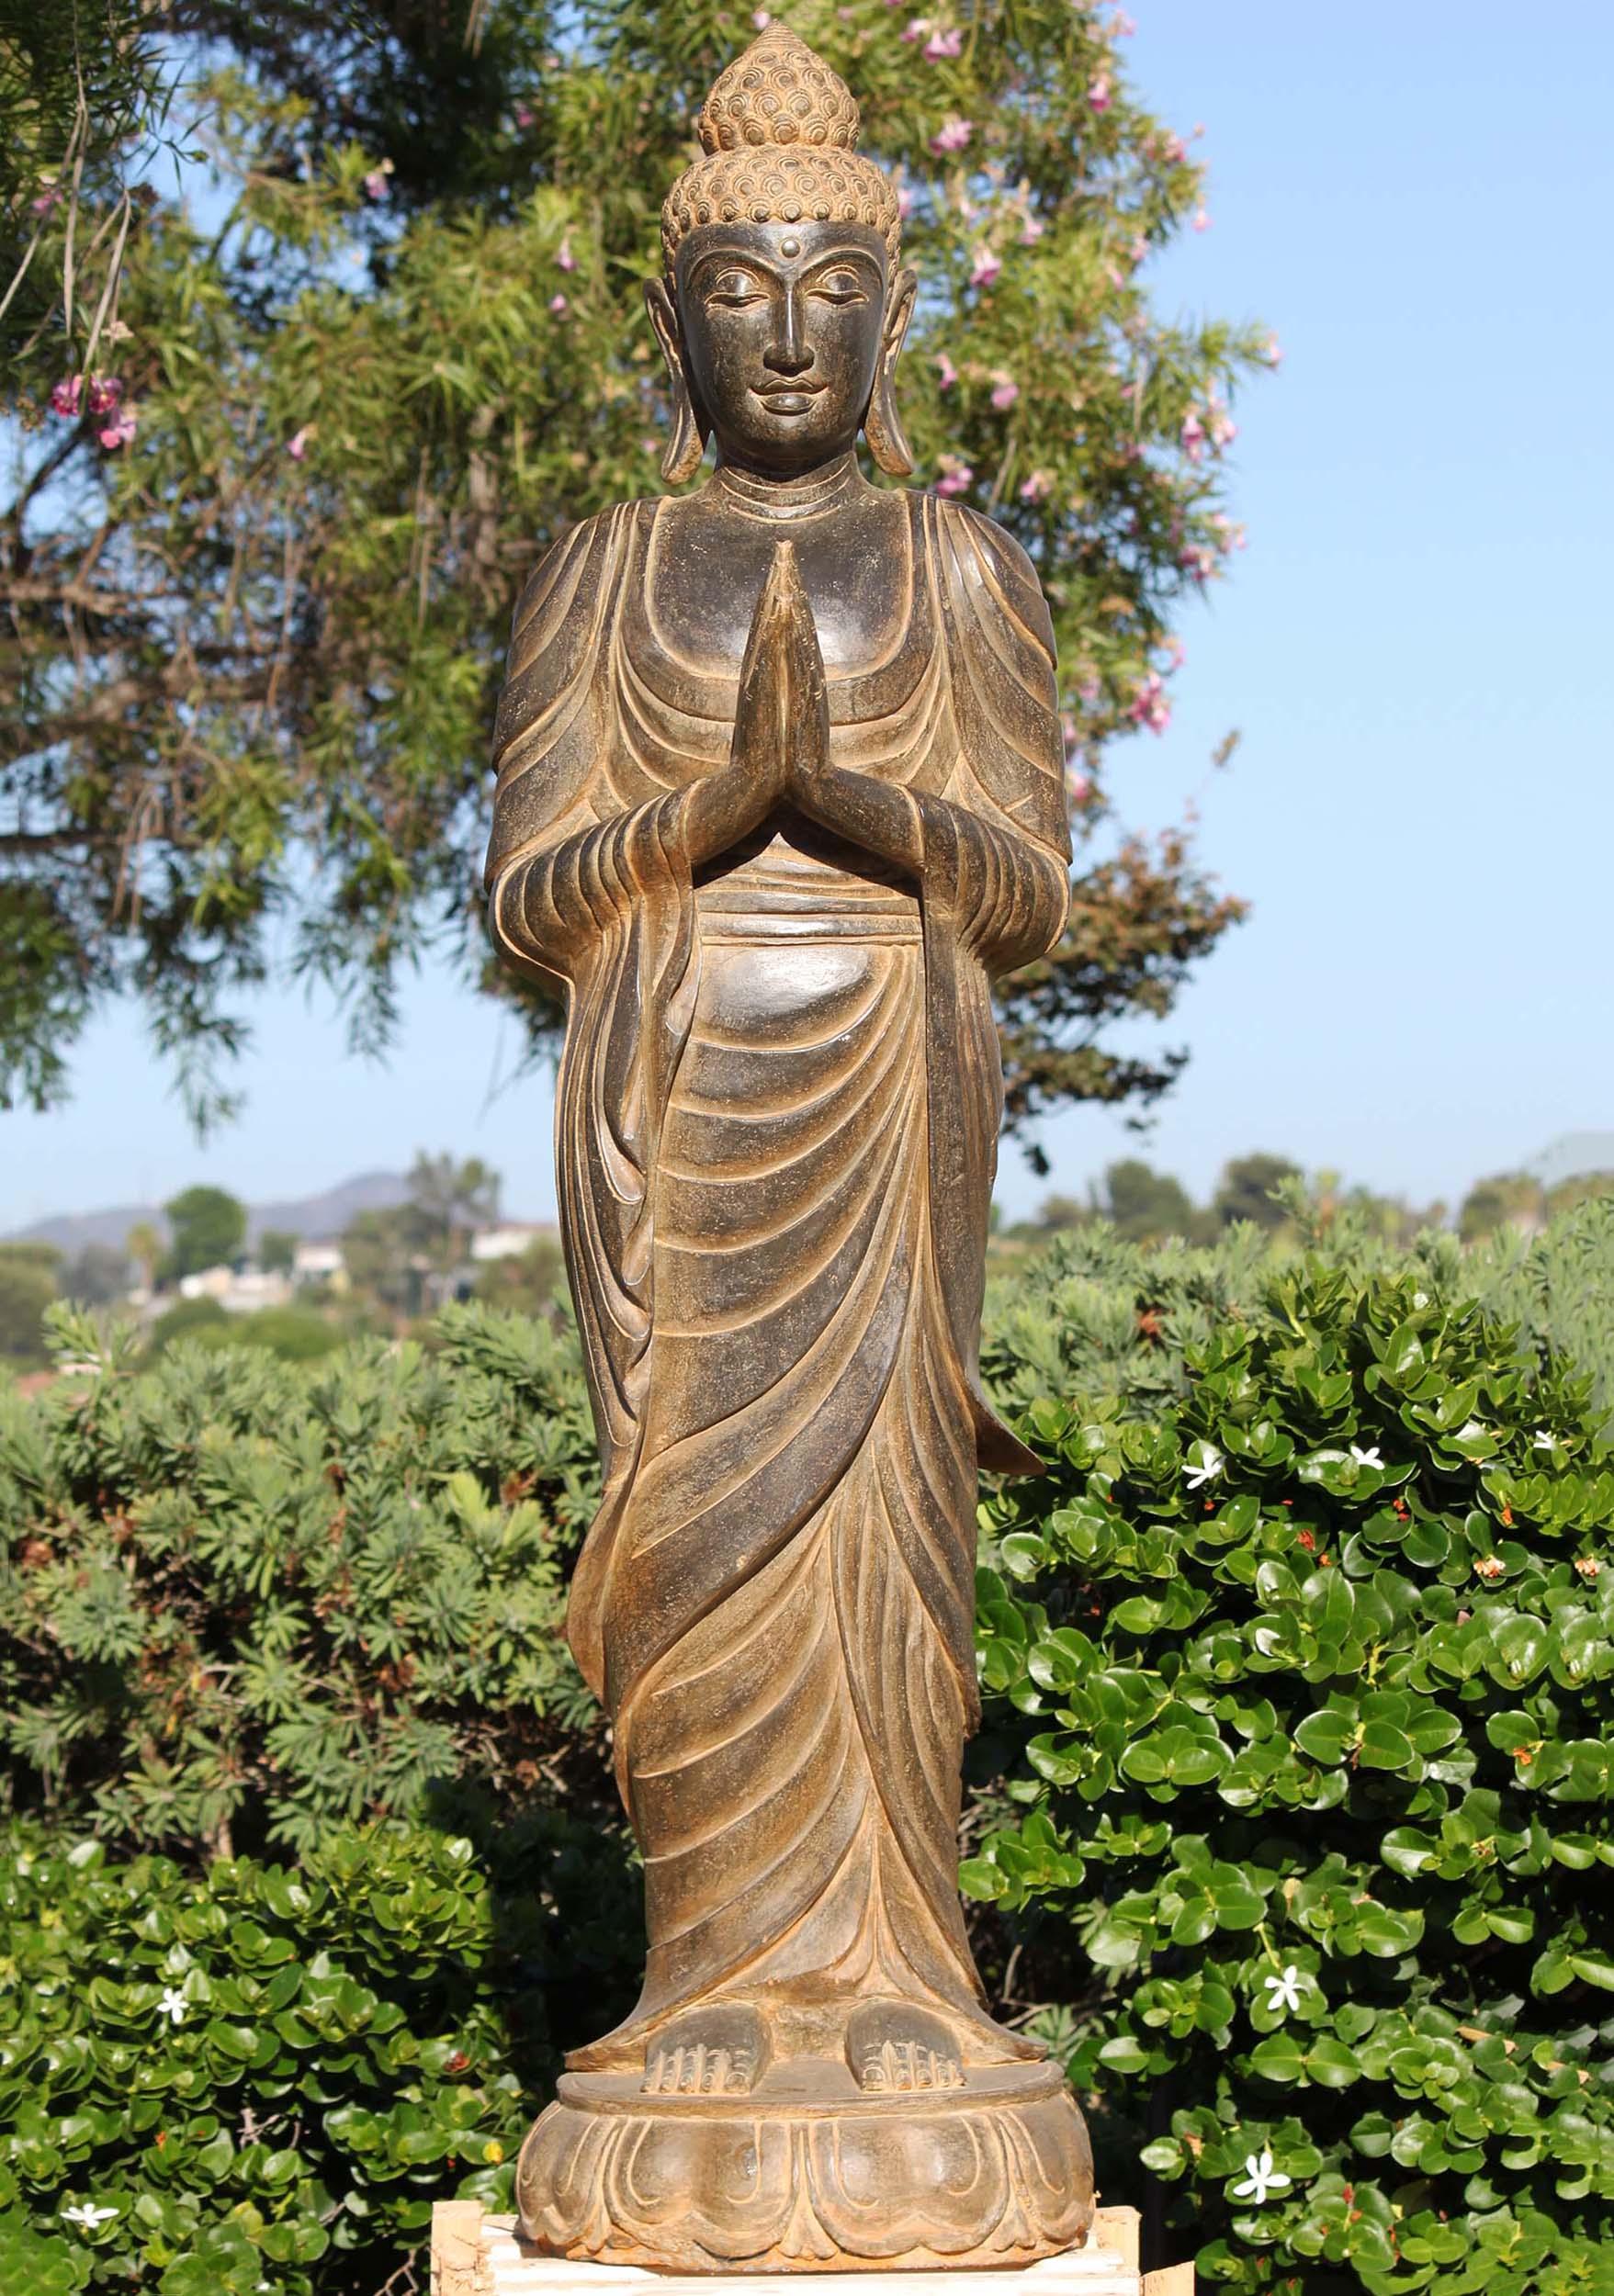 Sold Stone Standing Namaste Buddha Garden Statue 61 116ls659 Hindu Gods Buddha Statues